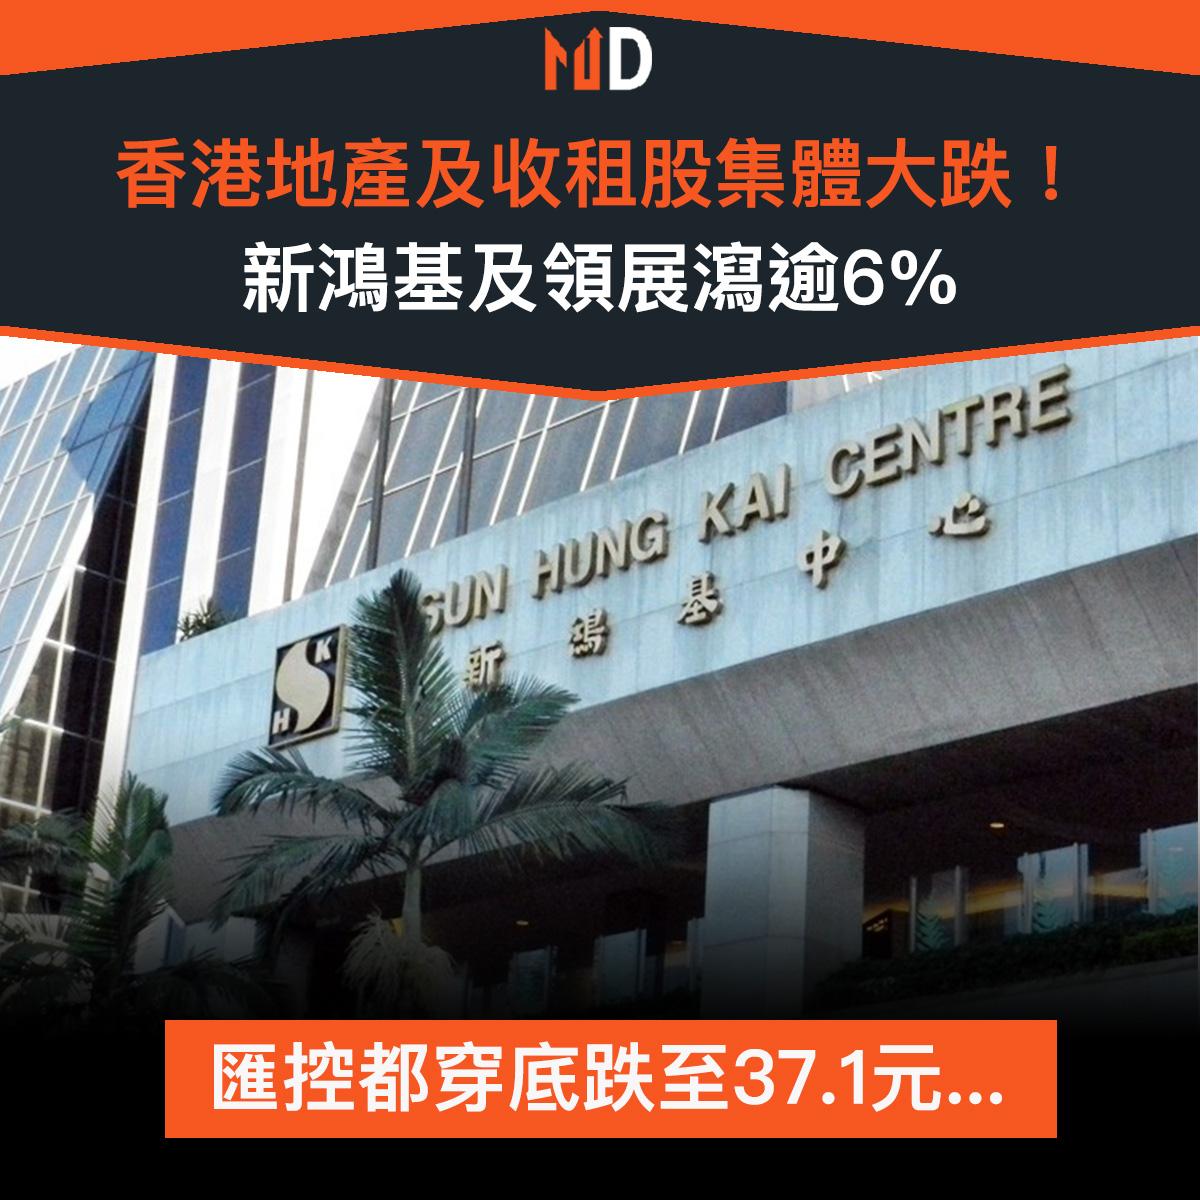 【市場熱話】香港地產及收租股集體大跌!新鴻基及領展瀉逾6%